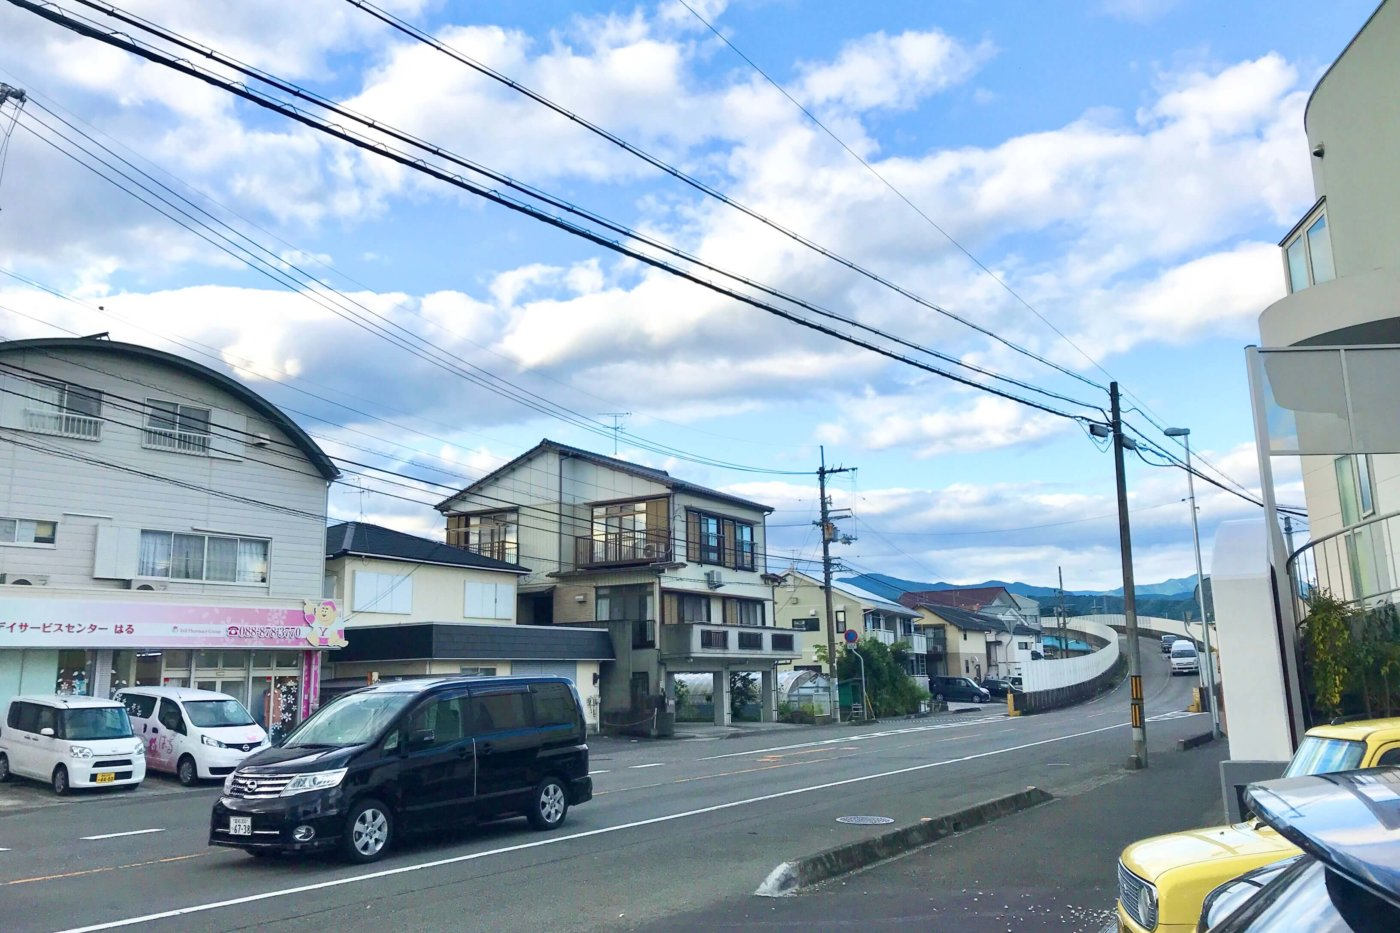 高知市大津のラーメン屋さん 一心 店先の風景